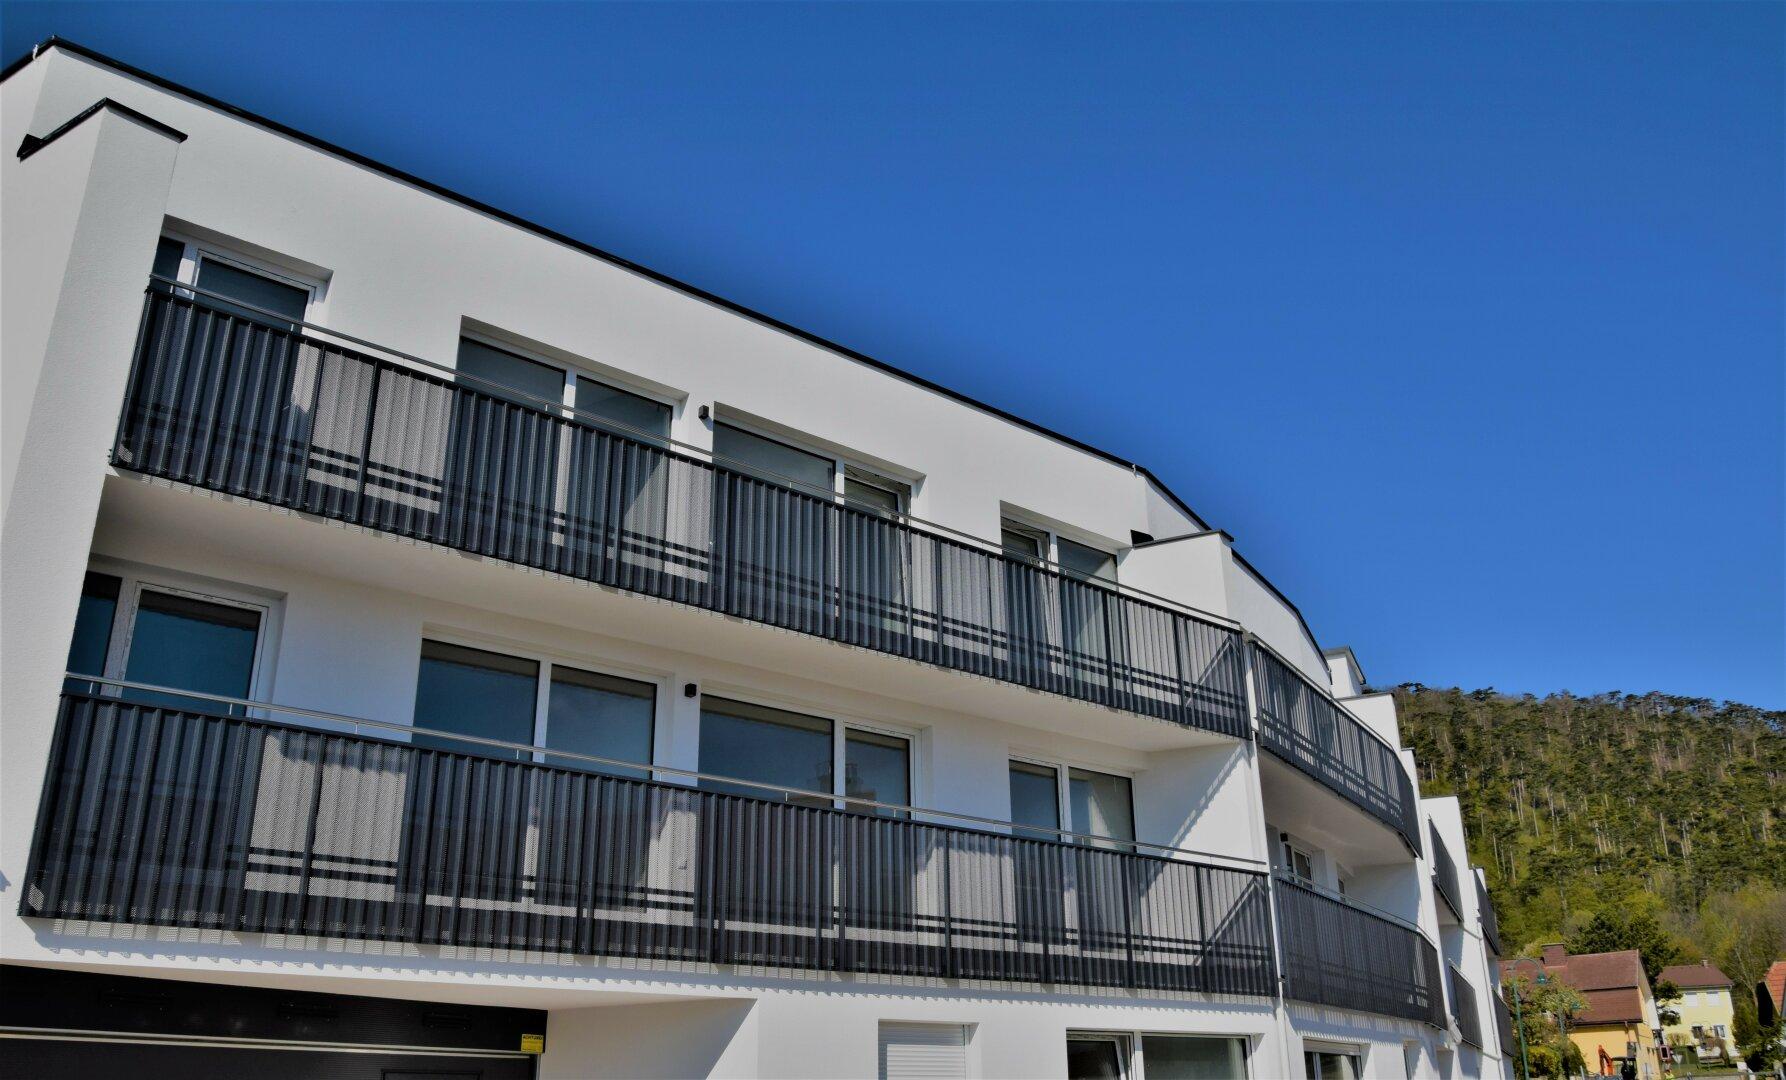 3-Zimmer Eigentumswohnung mit Aussicht - NEU und PROVISIONSFREI